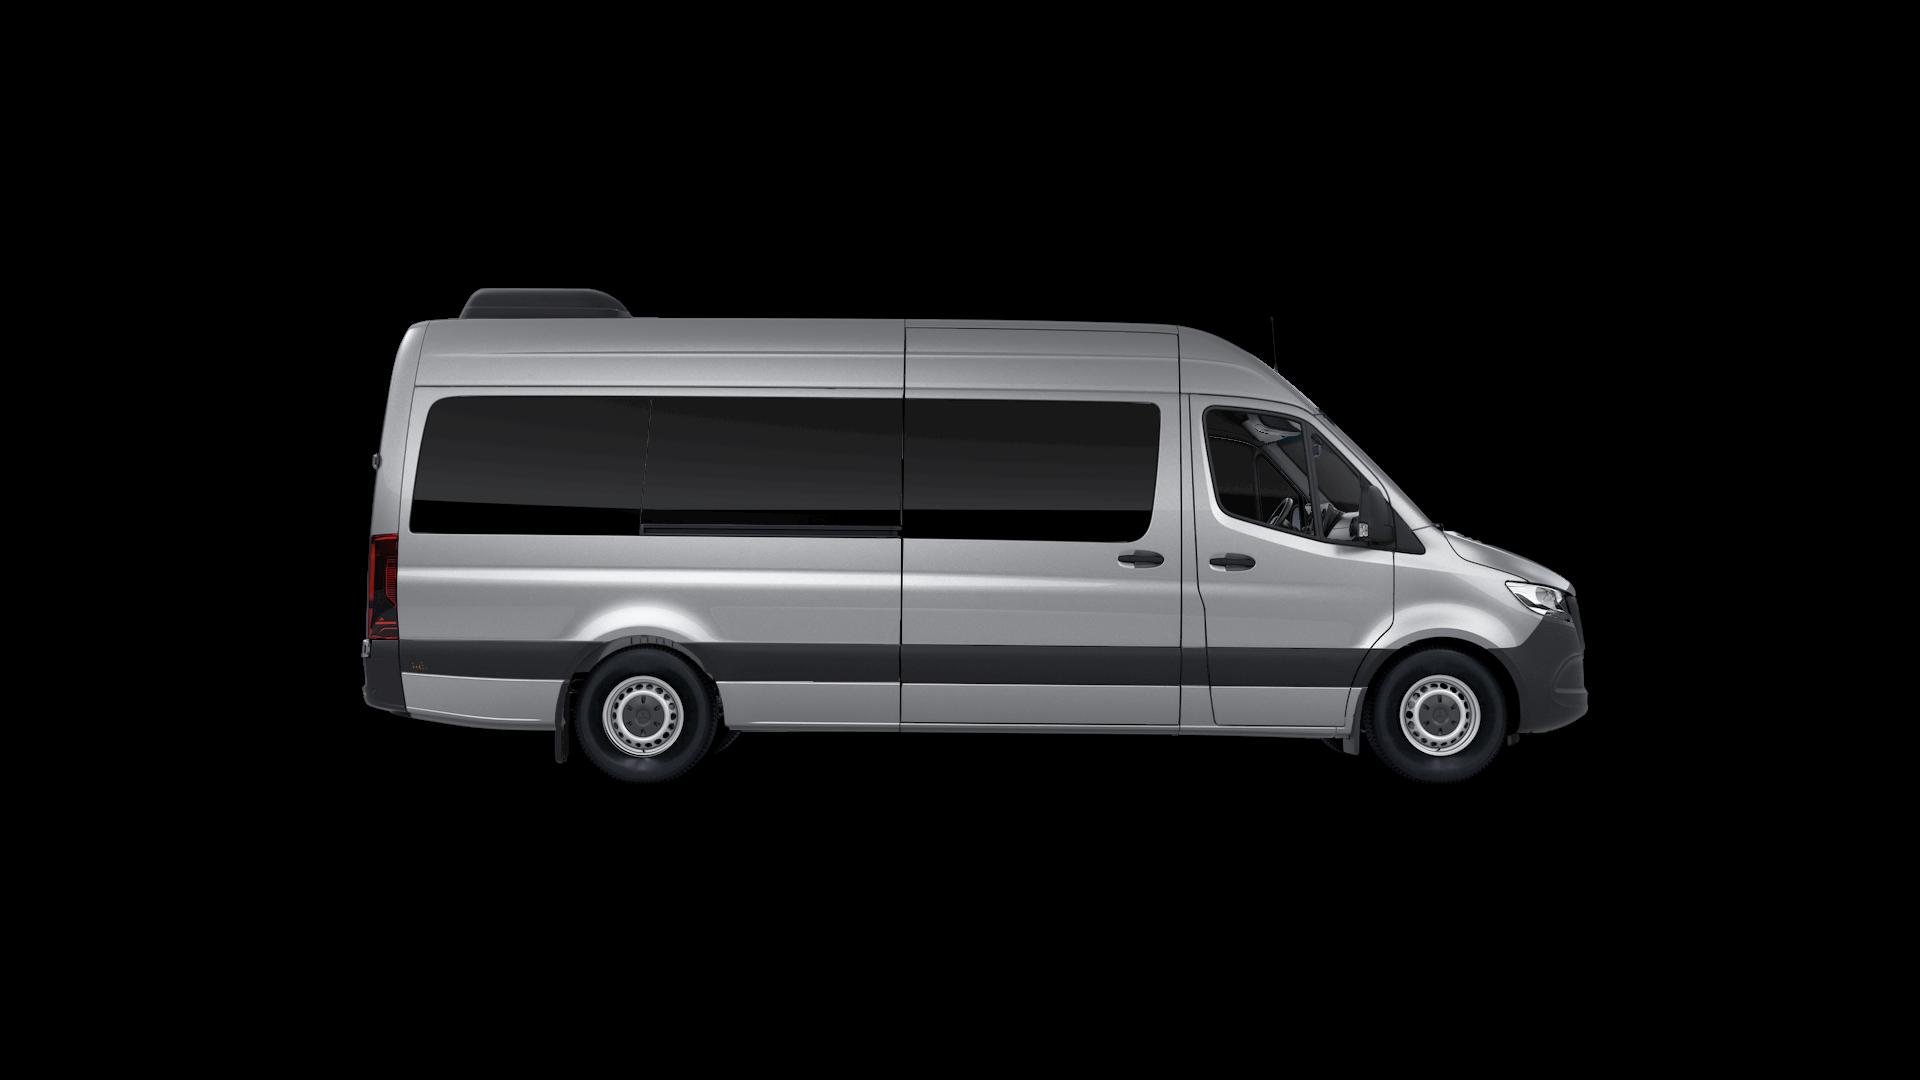 Mercedes Benz Van >> Build Your Mercedes Van Mercedes Benz Vans